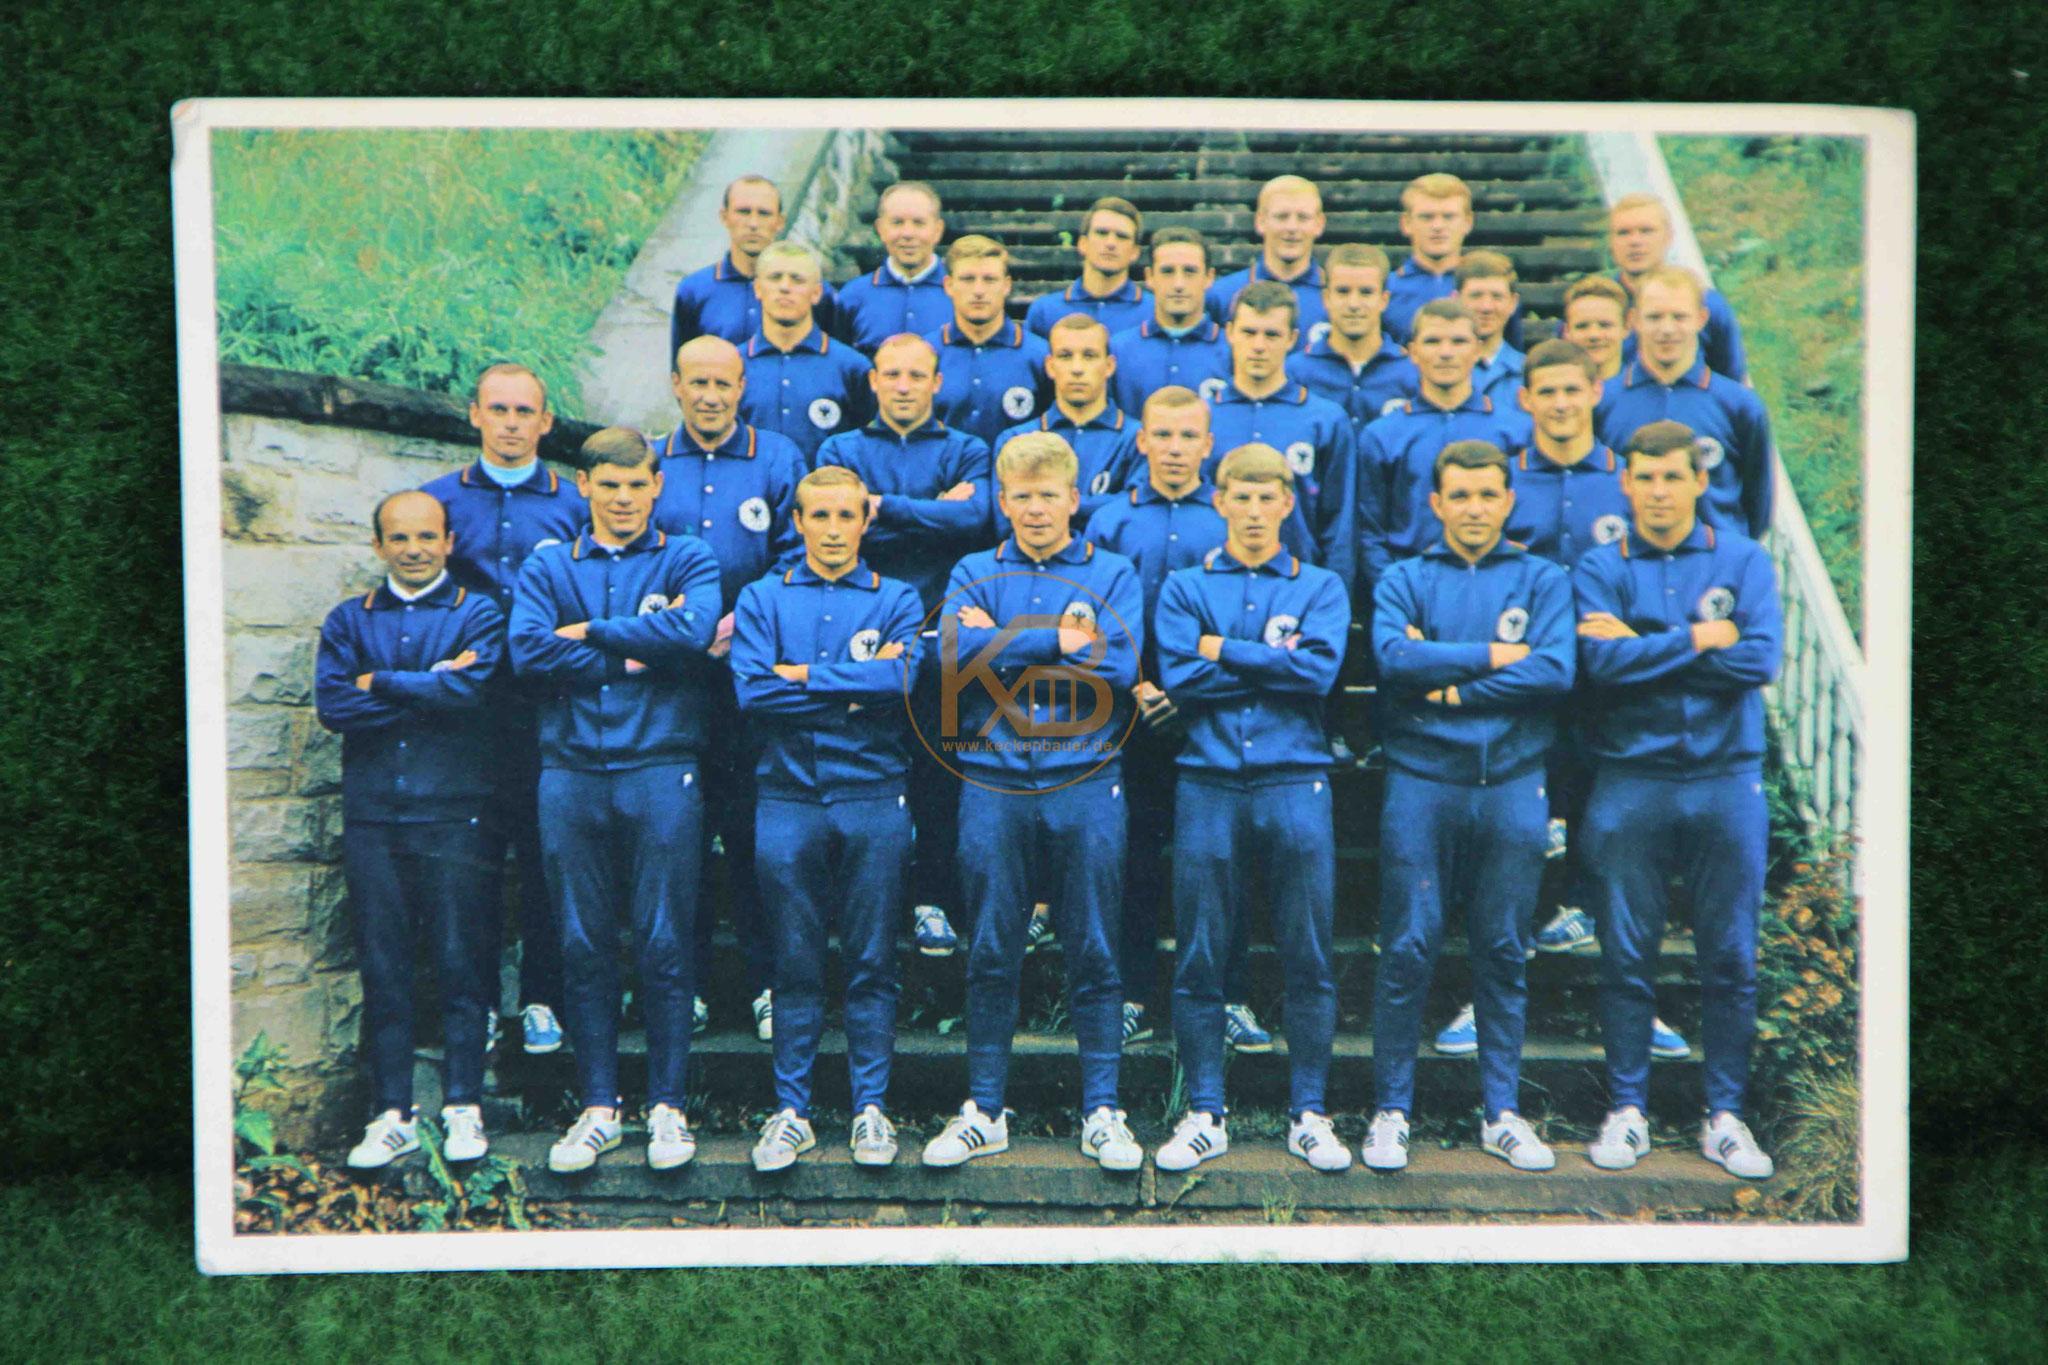 Ansichtskarte der Deutschen Nationalmannschaft von 1966 mit allen original Unterschriften aus dem Nachlass von Max Merkel 1/2